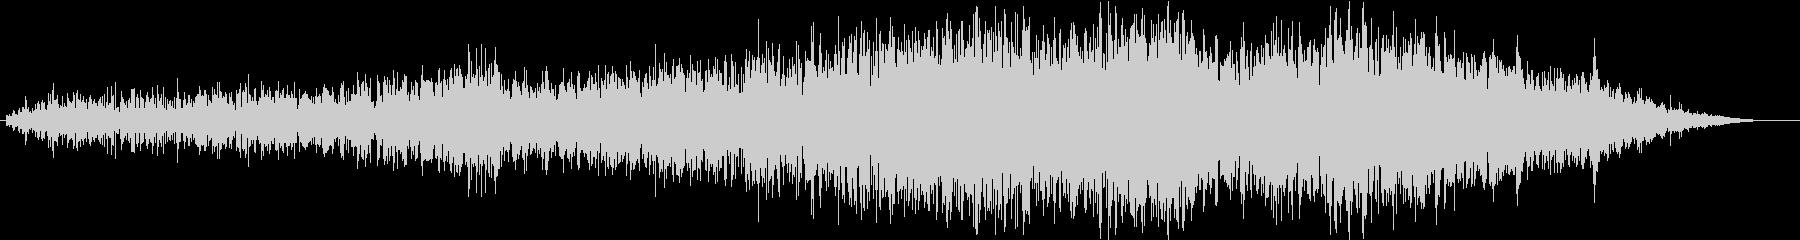 地震 01の未再生の波形